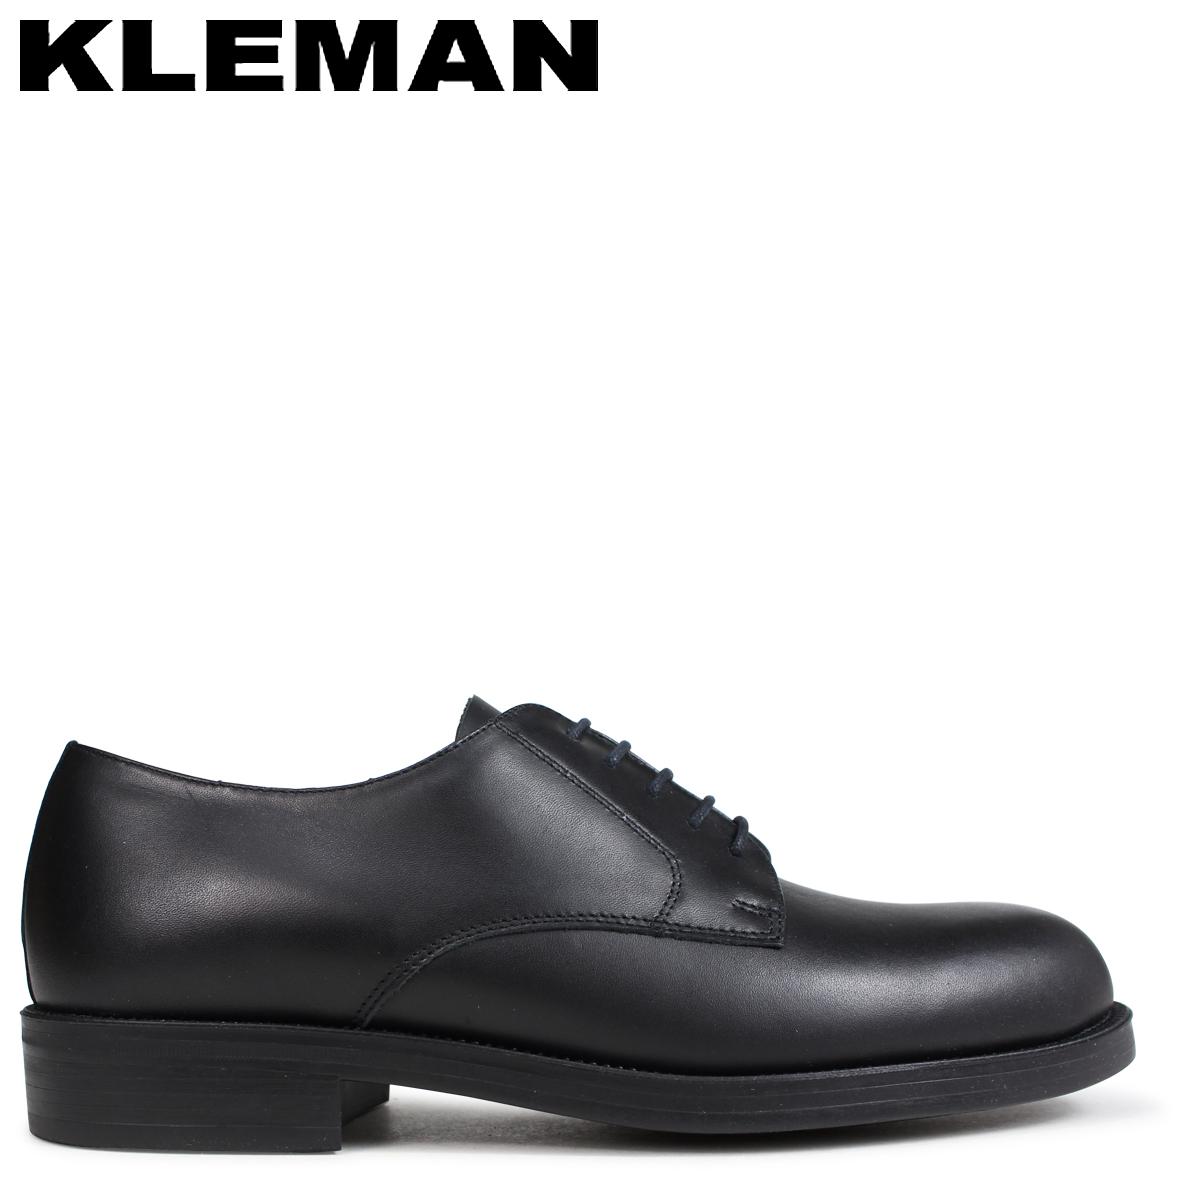 クレマン KLEMAN PASTANI 靴 プレーントゥ シューズ メンズ PLAIN TOE SHOES ブラック VA73102 [4/3 再入荷]